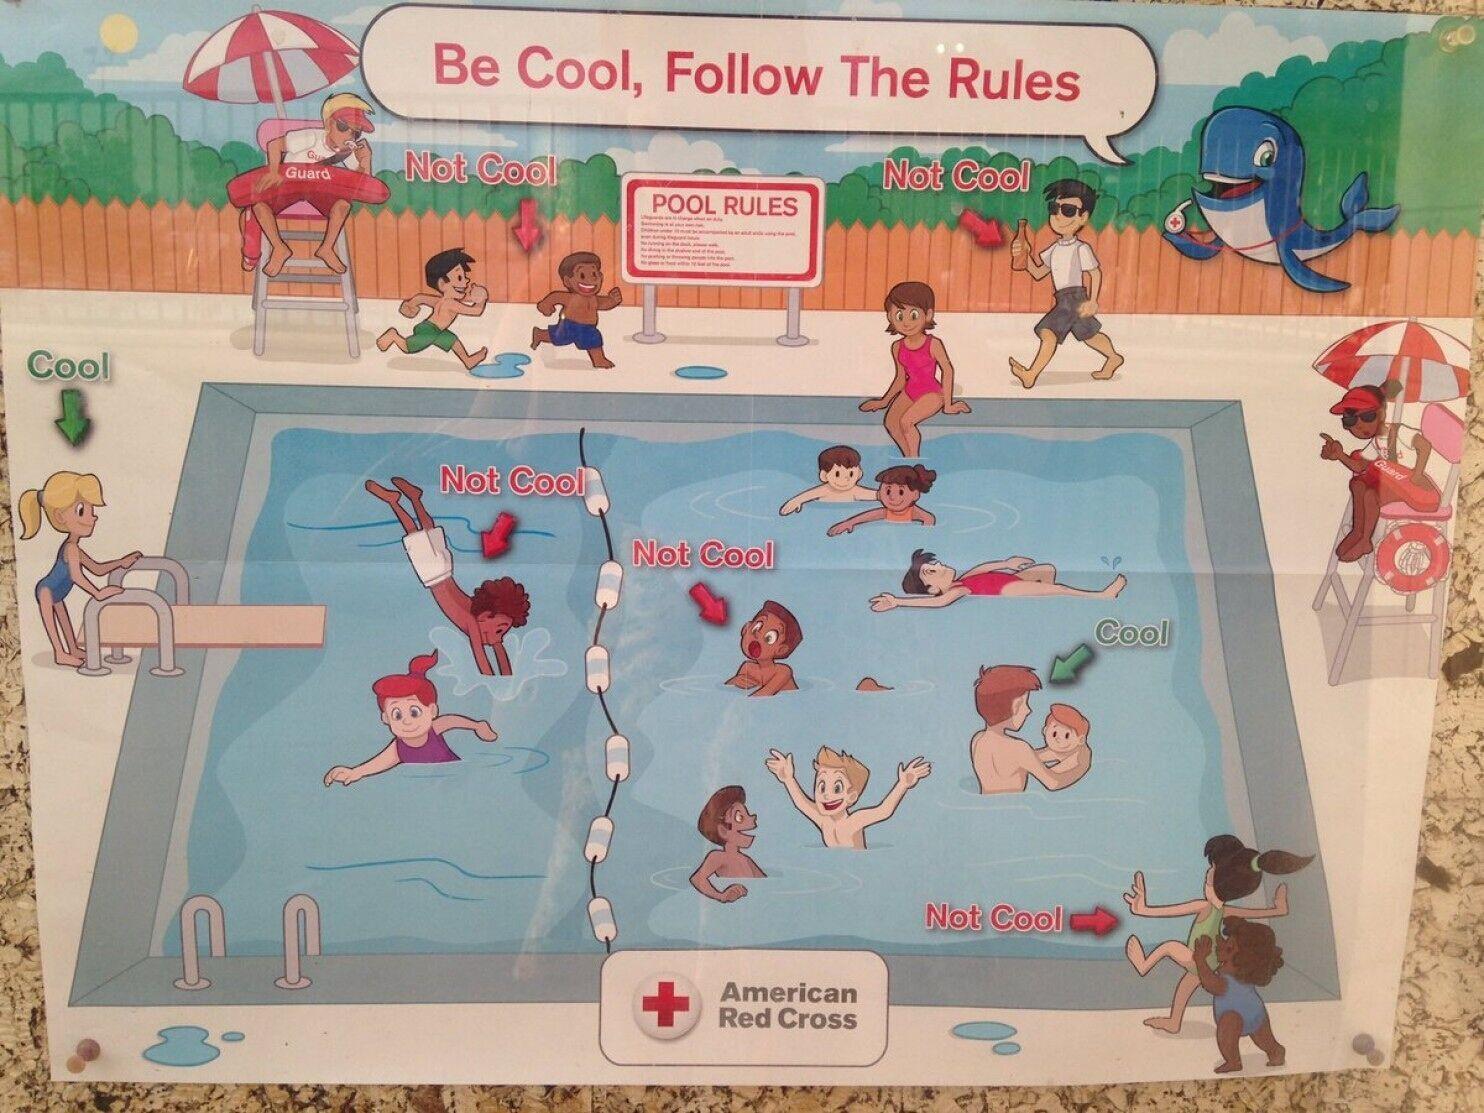 美国红十字会宣传海报涉嫌种族歧视引发争议